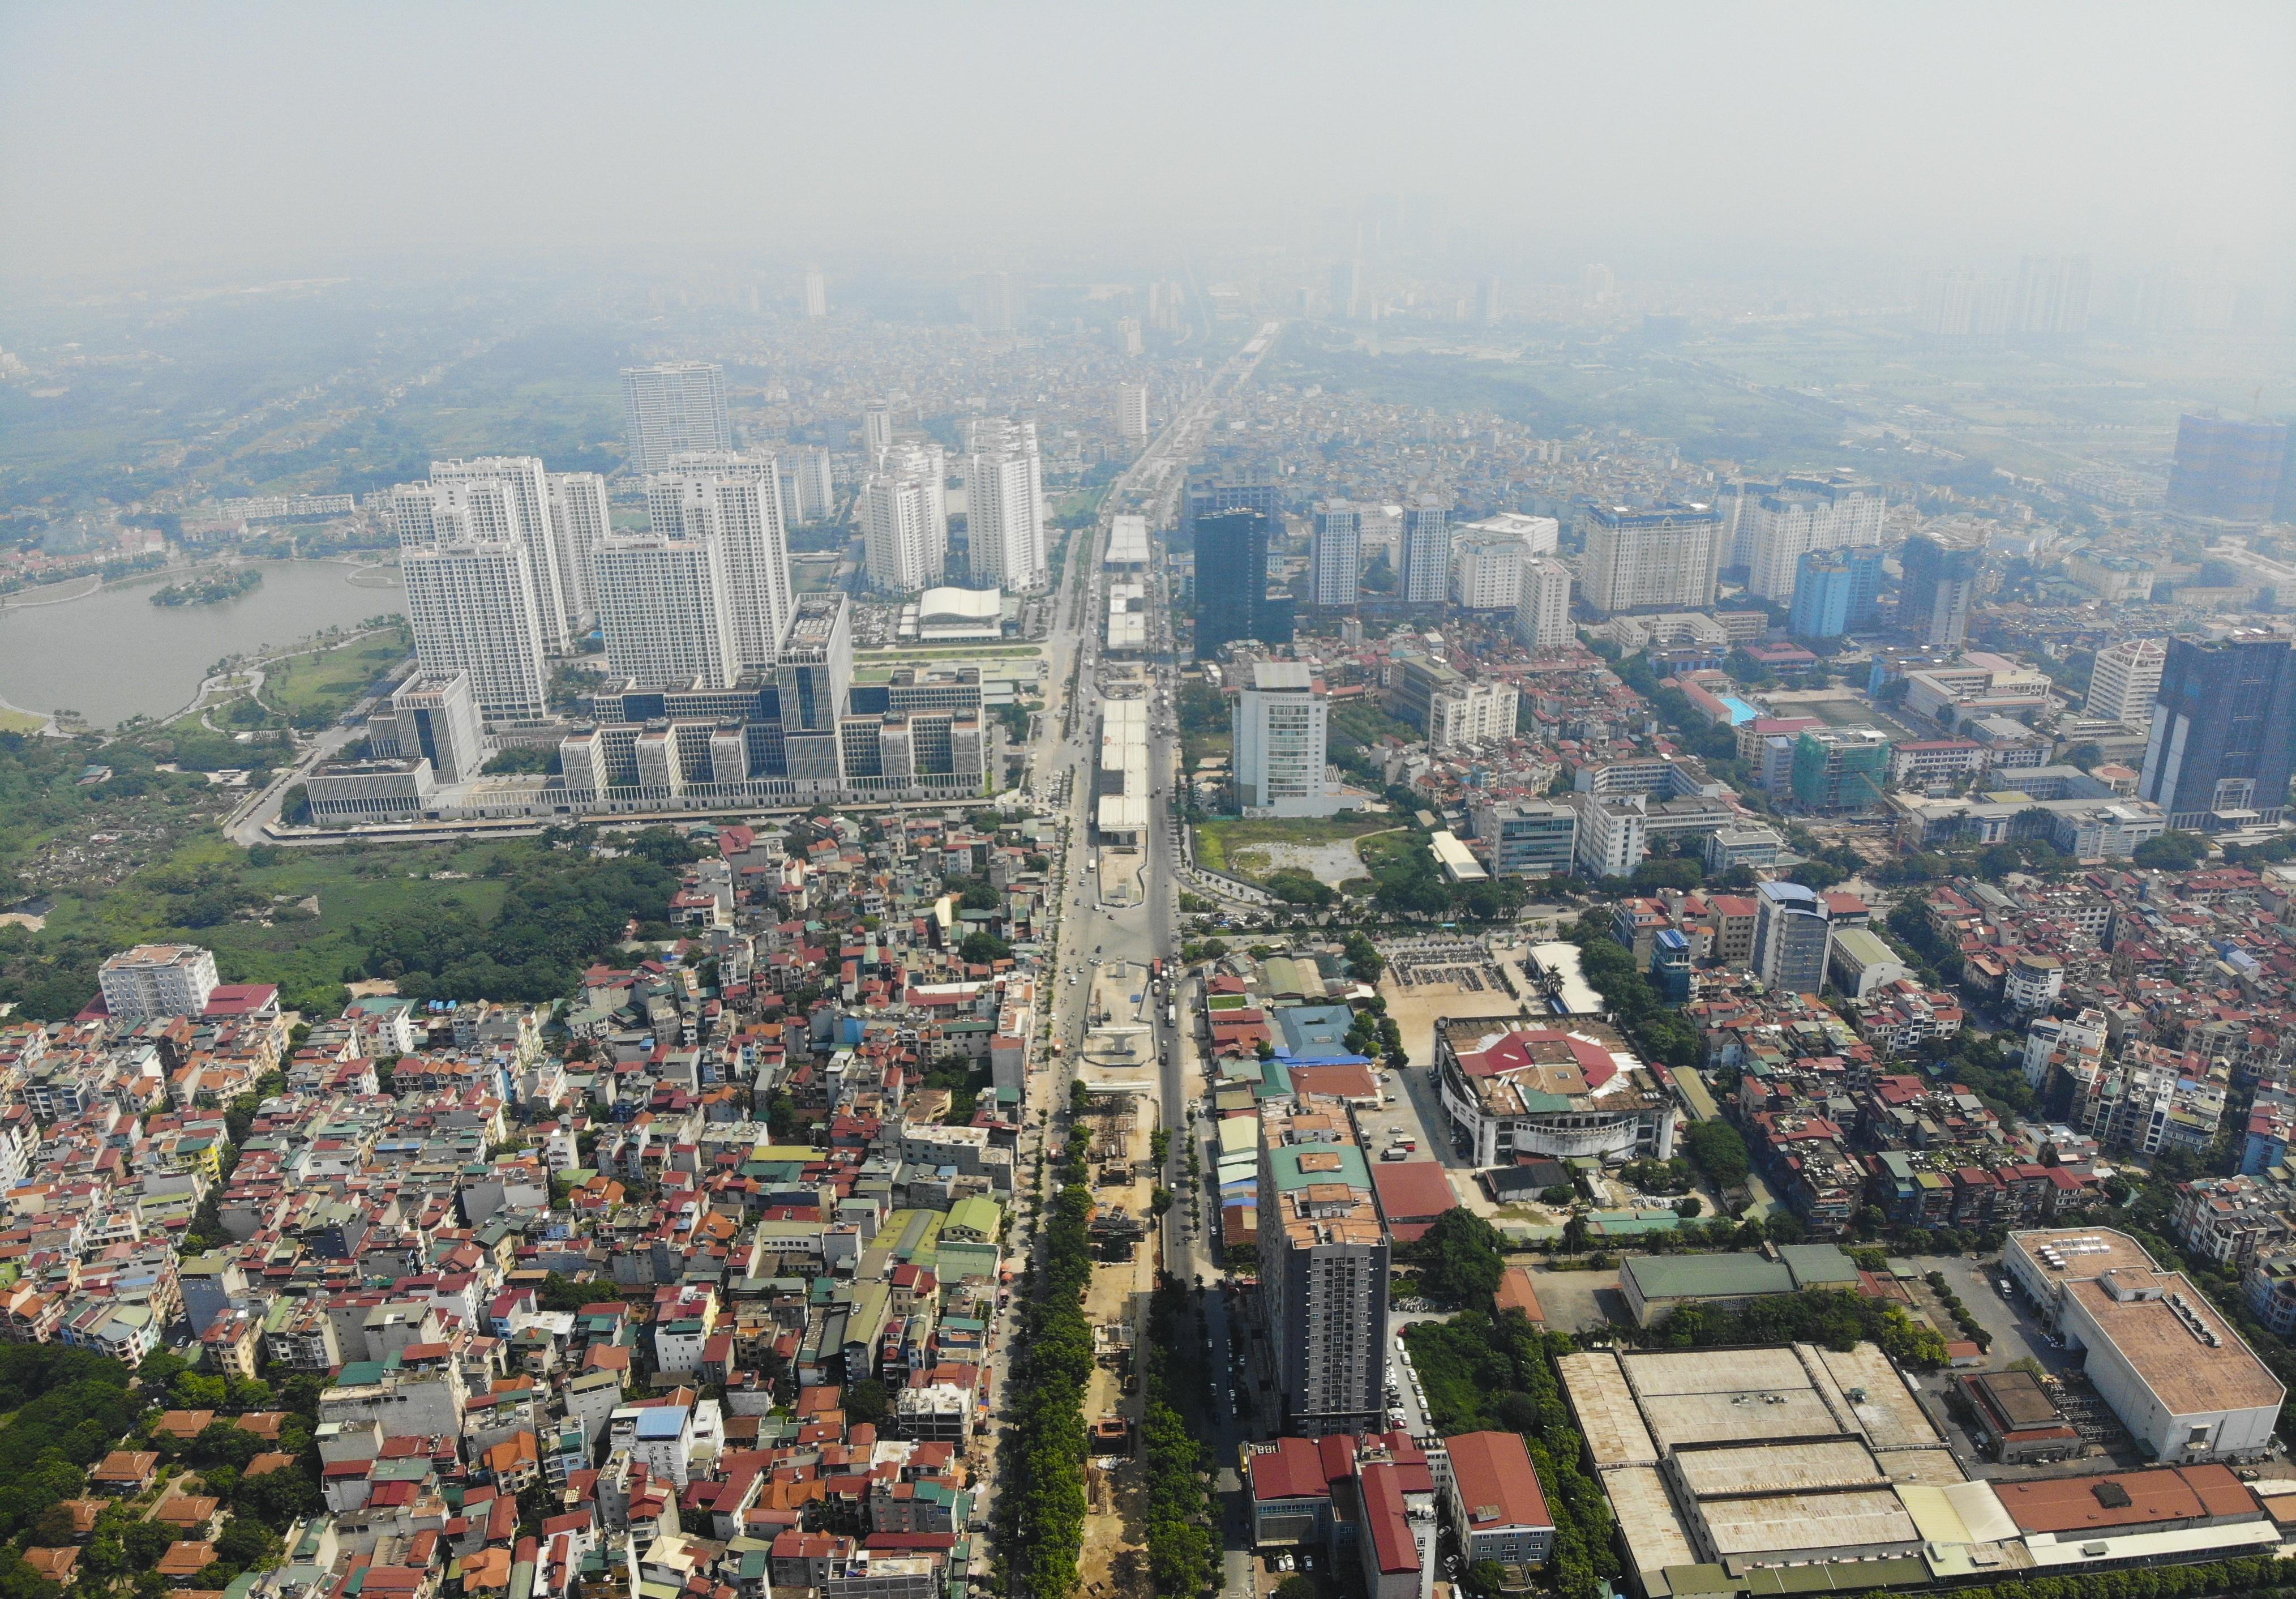 Toàn cảnh đại công trường đường 8.500 tỷ đồng ở cửa ngõ Hà Nội - 1